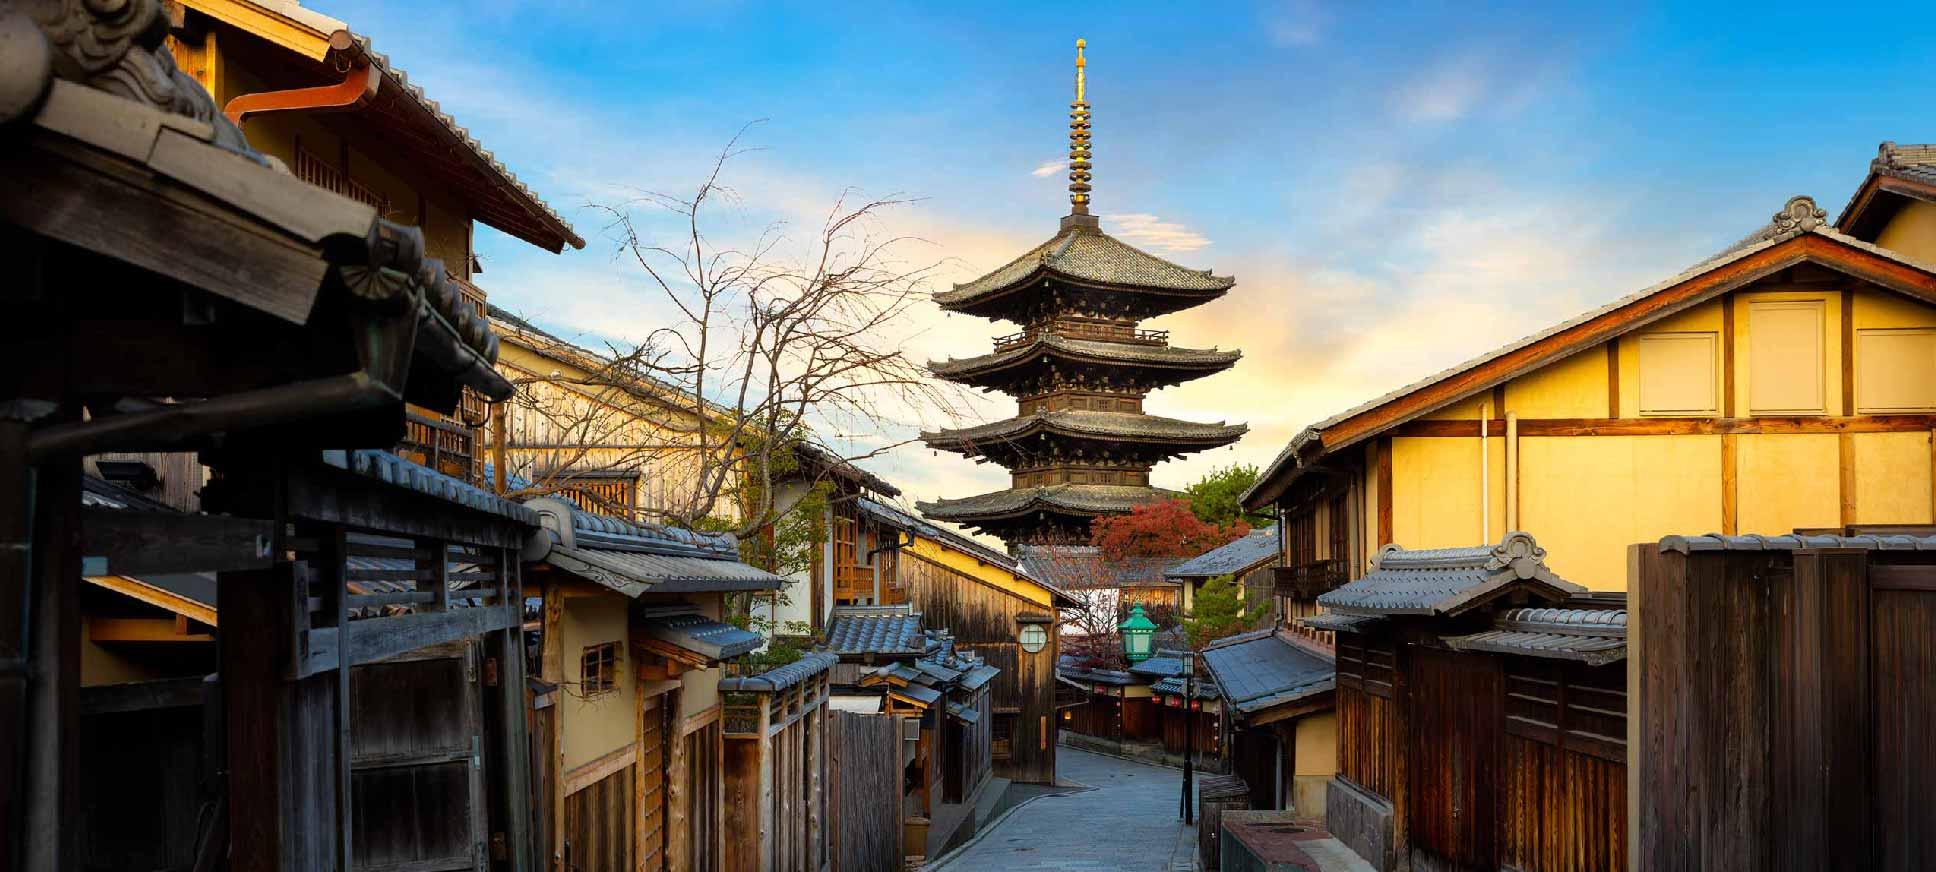 Yasaka no Tou Pagoda Higashiyama District Kyoto Japan